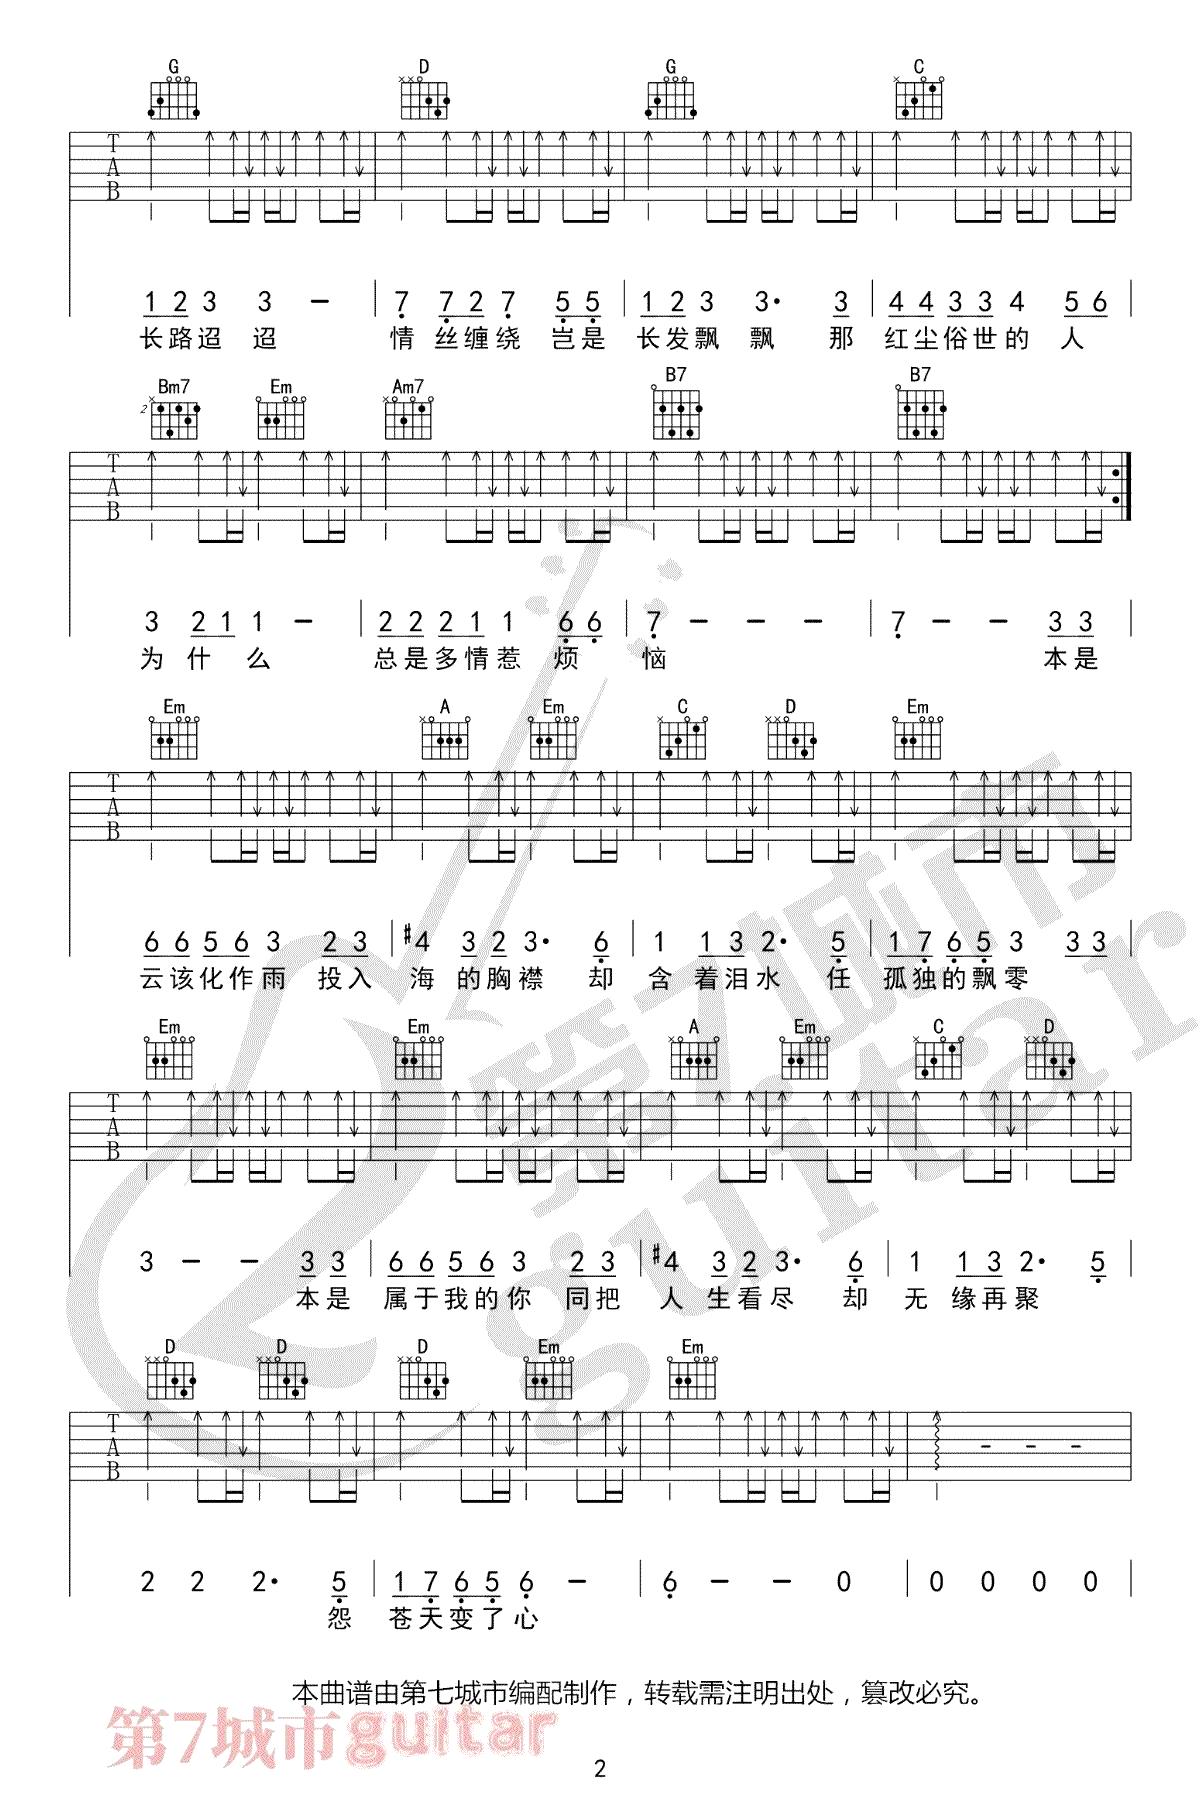 怨苍天变了心吉他谱-王小帅吉他版-2